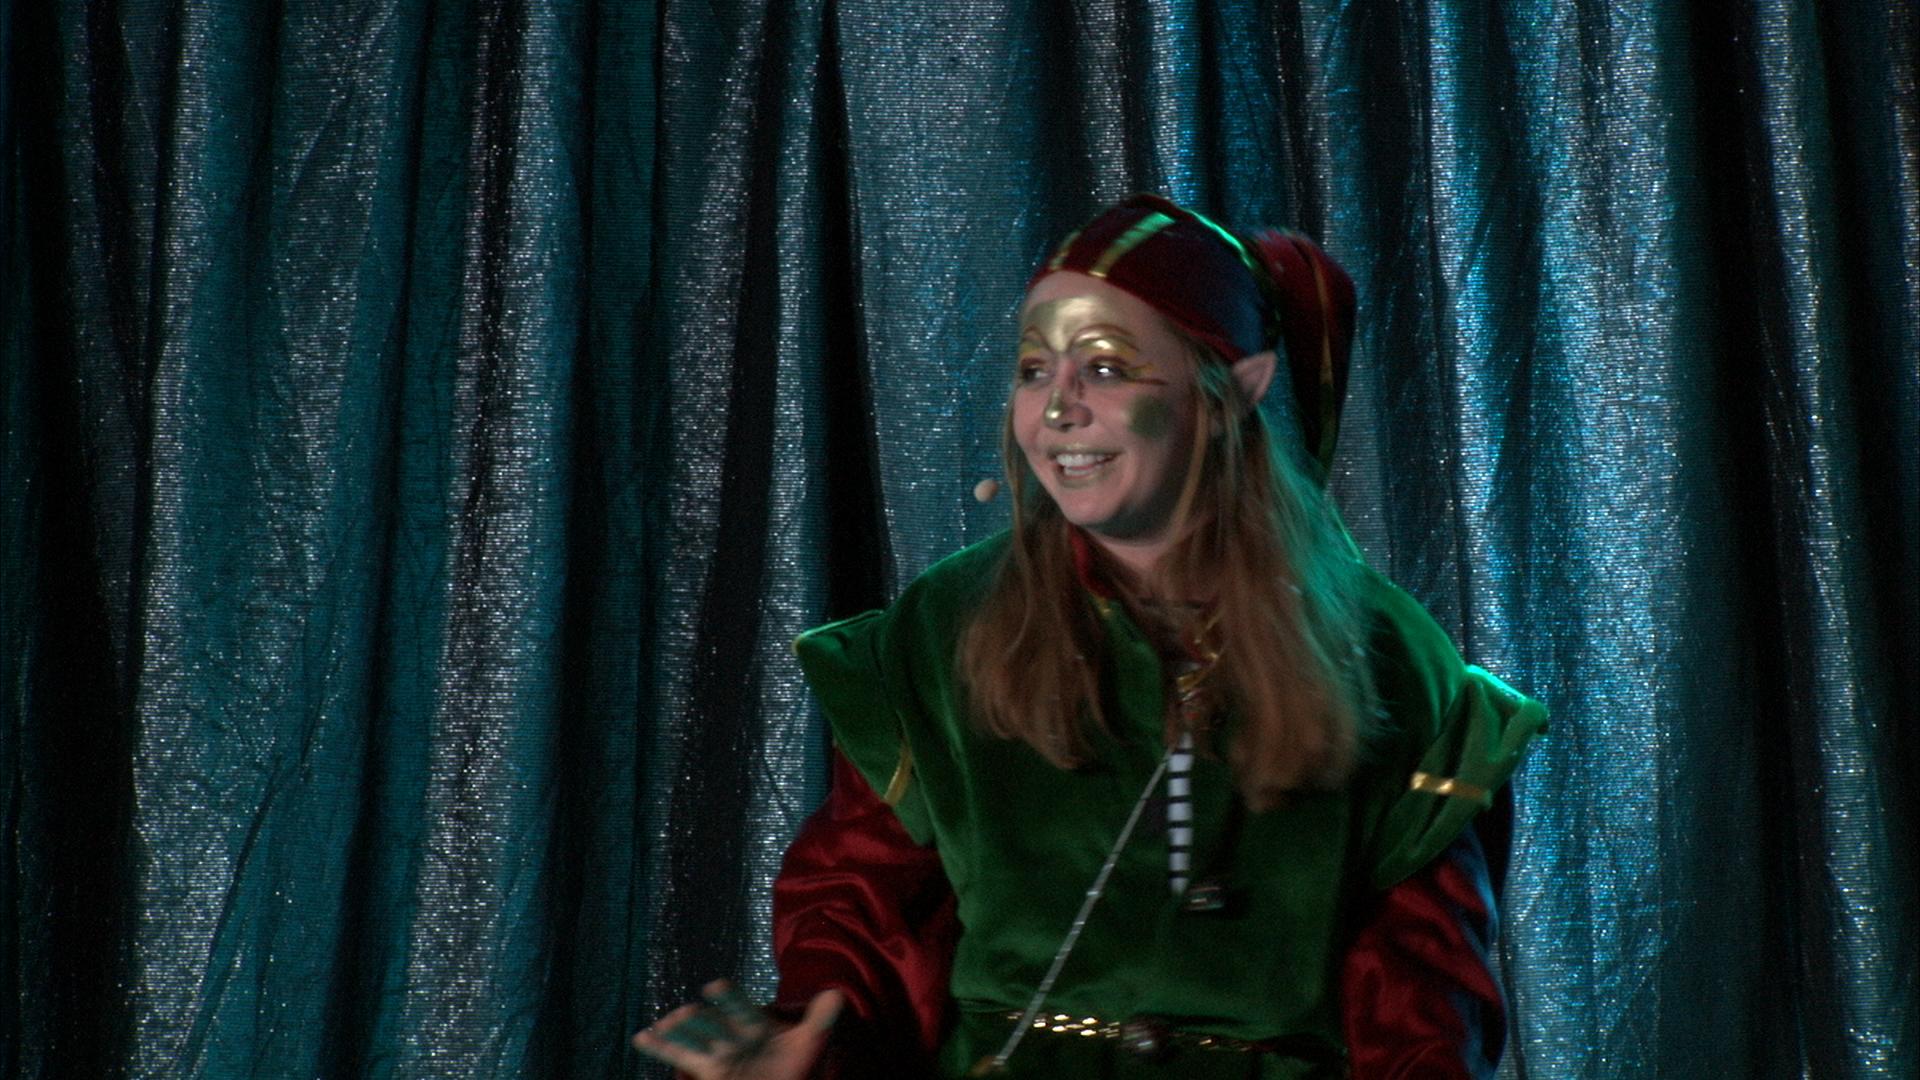 Bühnen-Szene - Ibu der Weihnachts-Elf